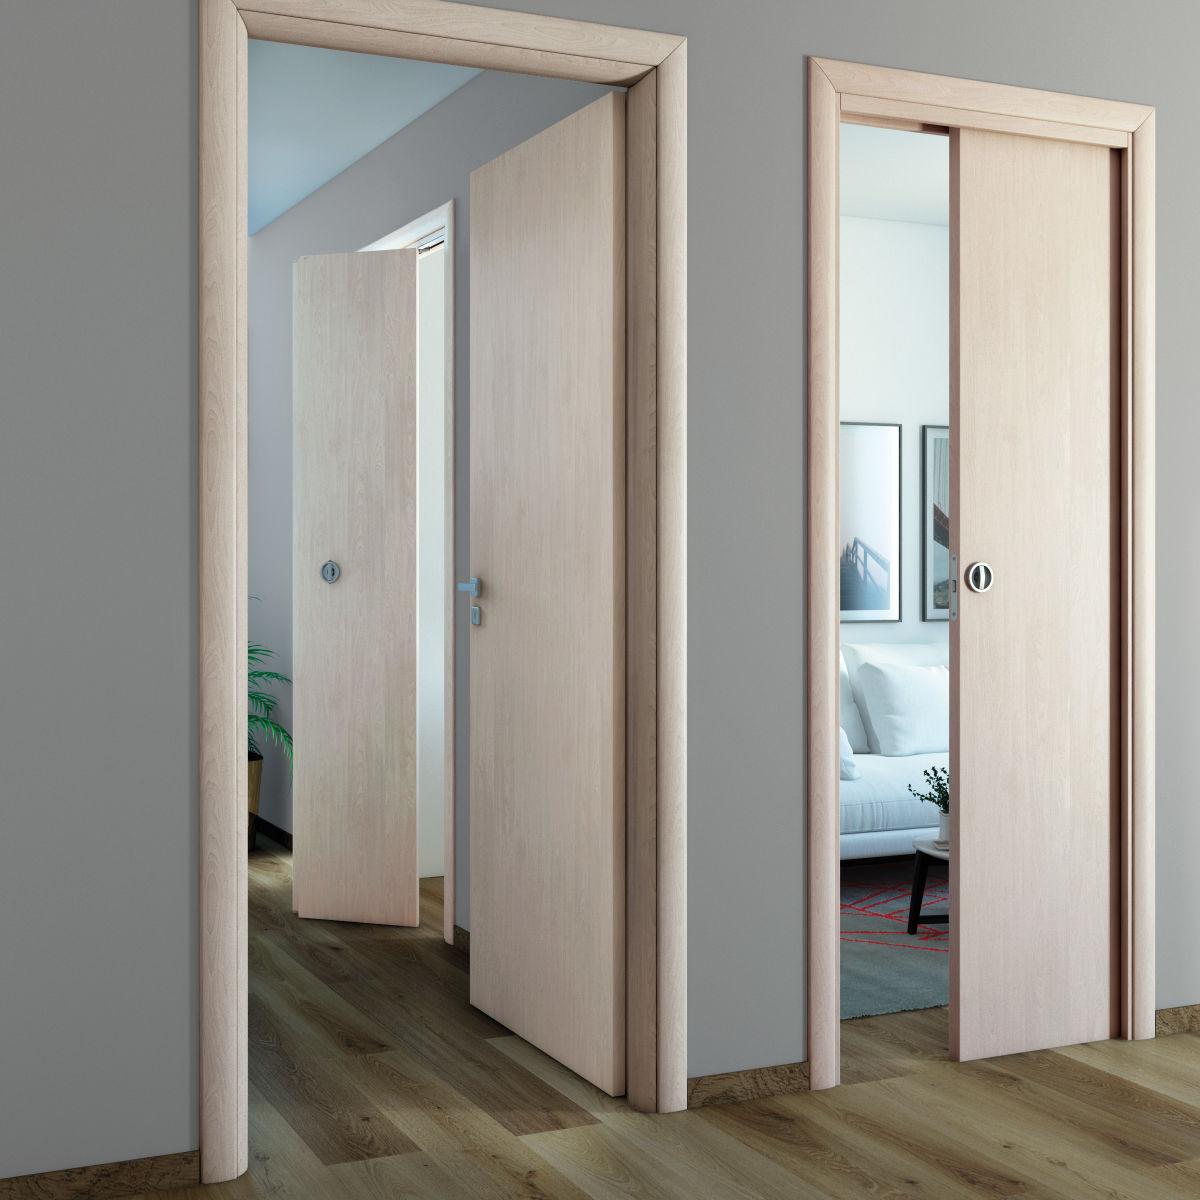 Offerta porte scorrevoli perfect pannelli in vetro with offerta porte scorrevoli armadio con - Porte da interno ikea ...